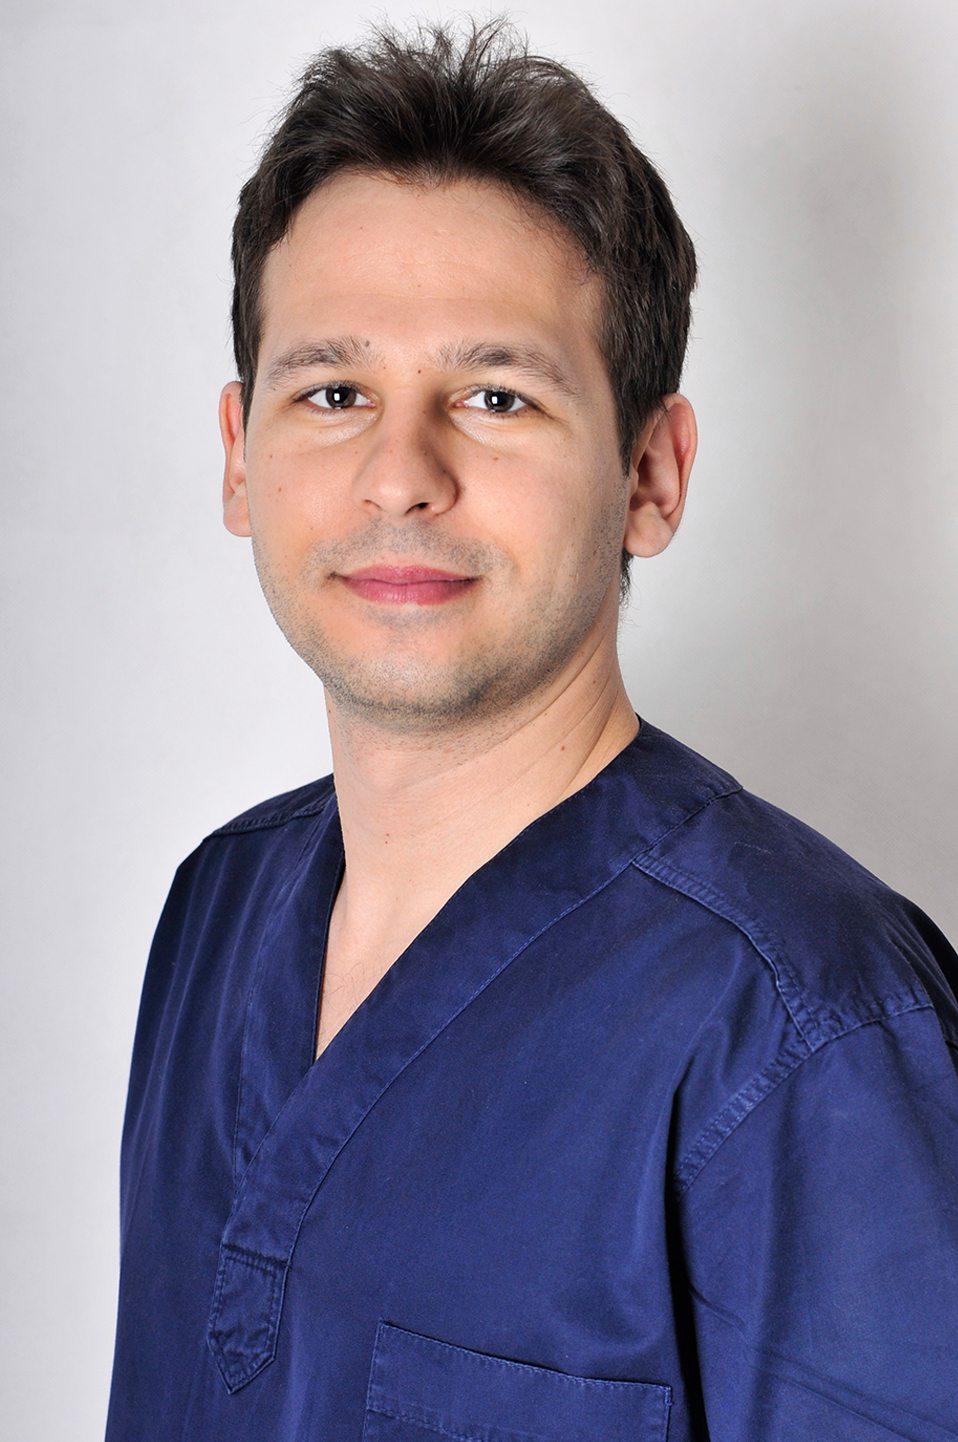 Dr. Zsombor Vécsey Zahnarzt Spezialist für dentoalveoläre Chirurgie Spezialität: Implantologie, Oralchirurgie, ästhetische